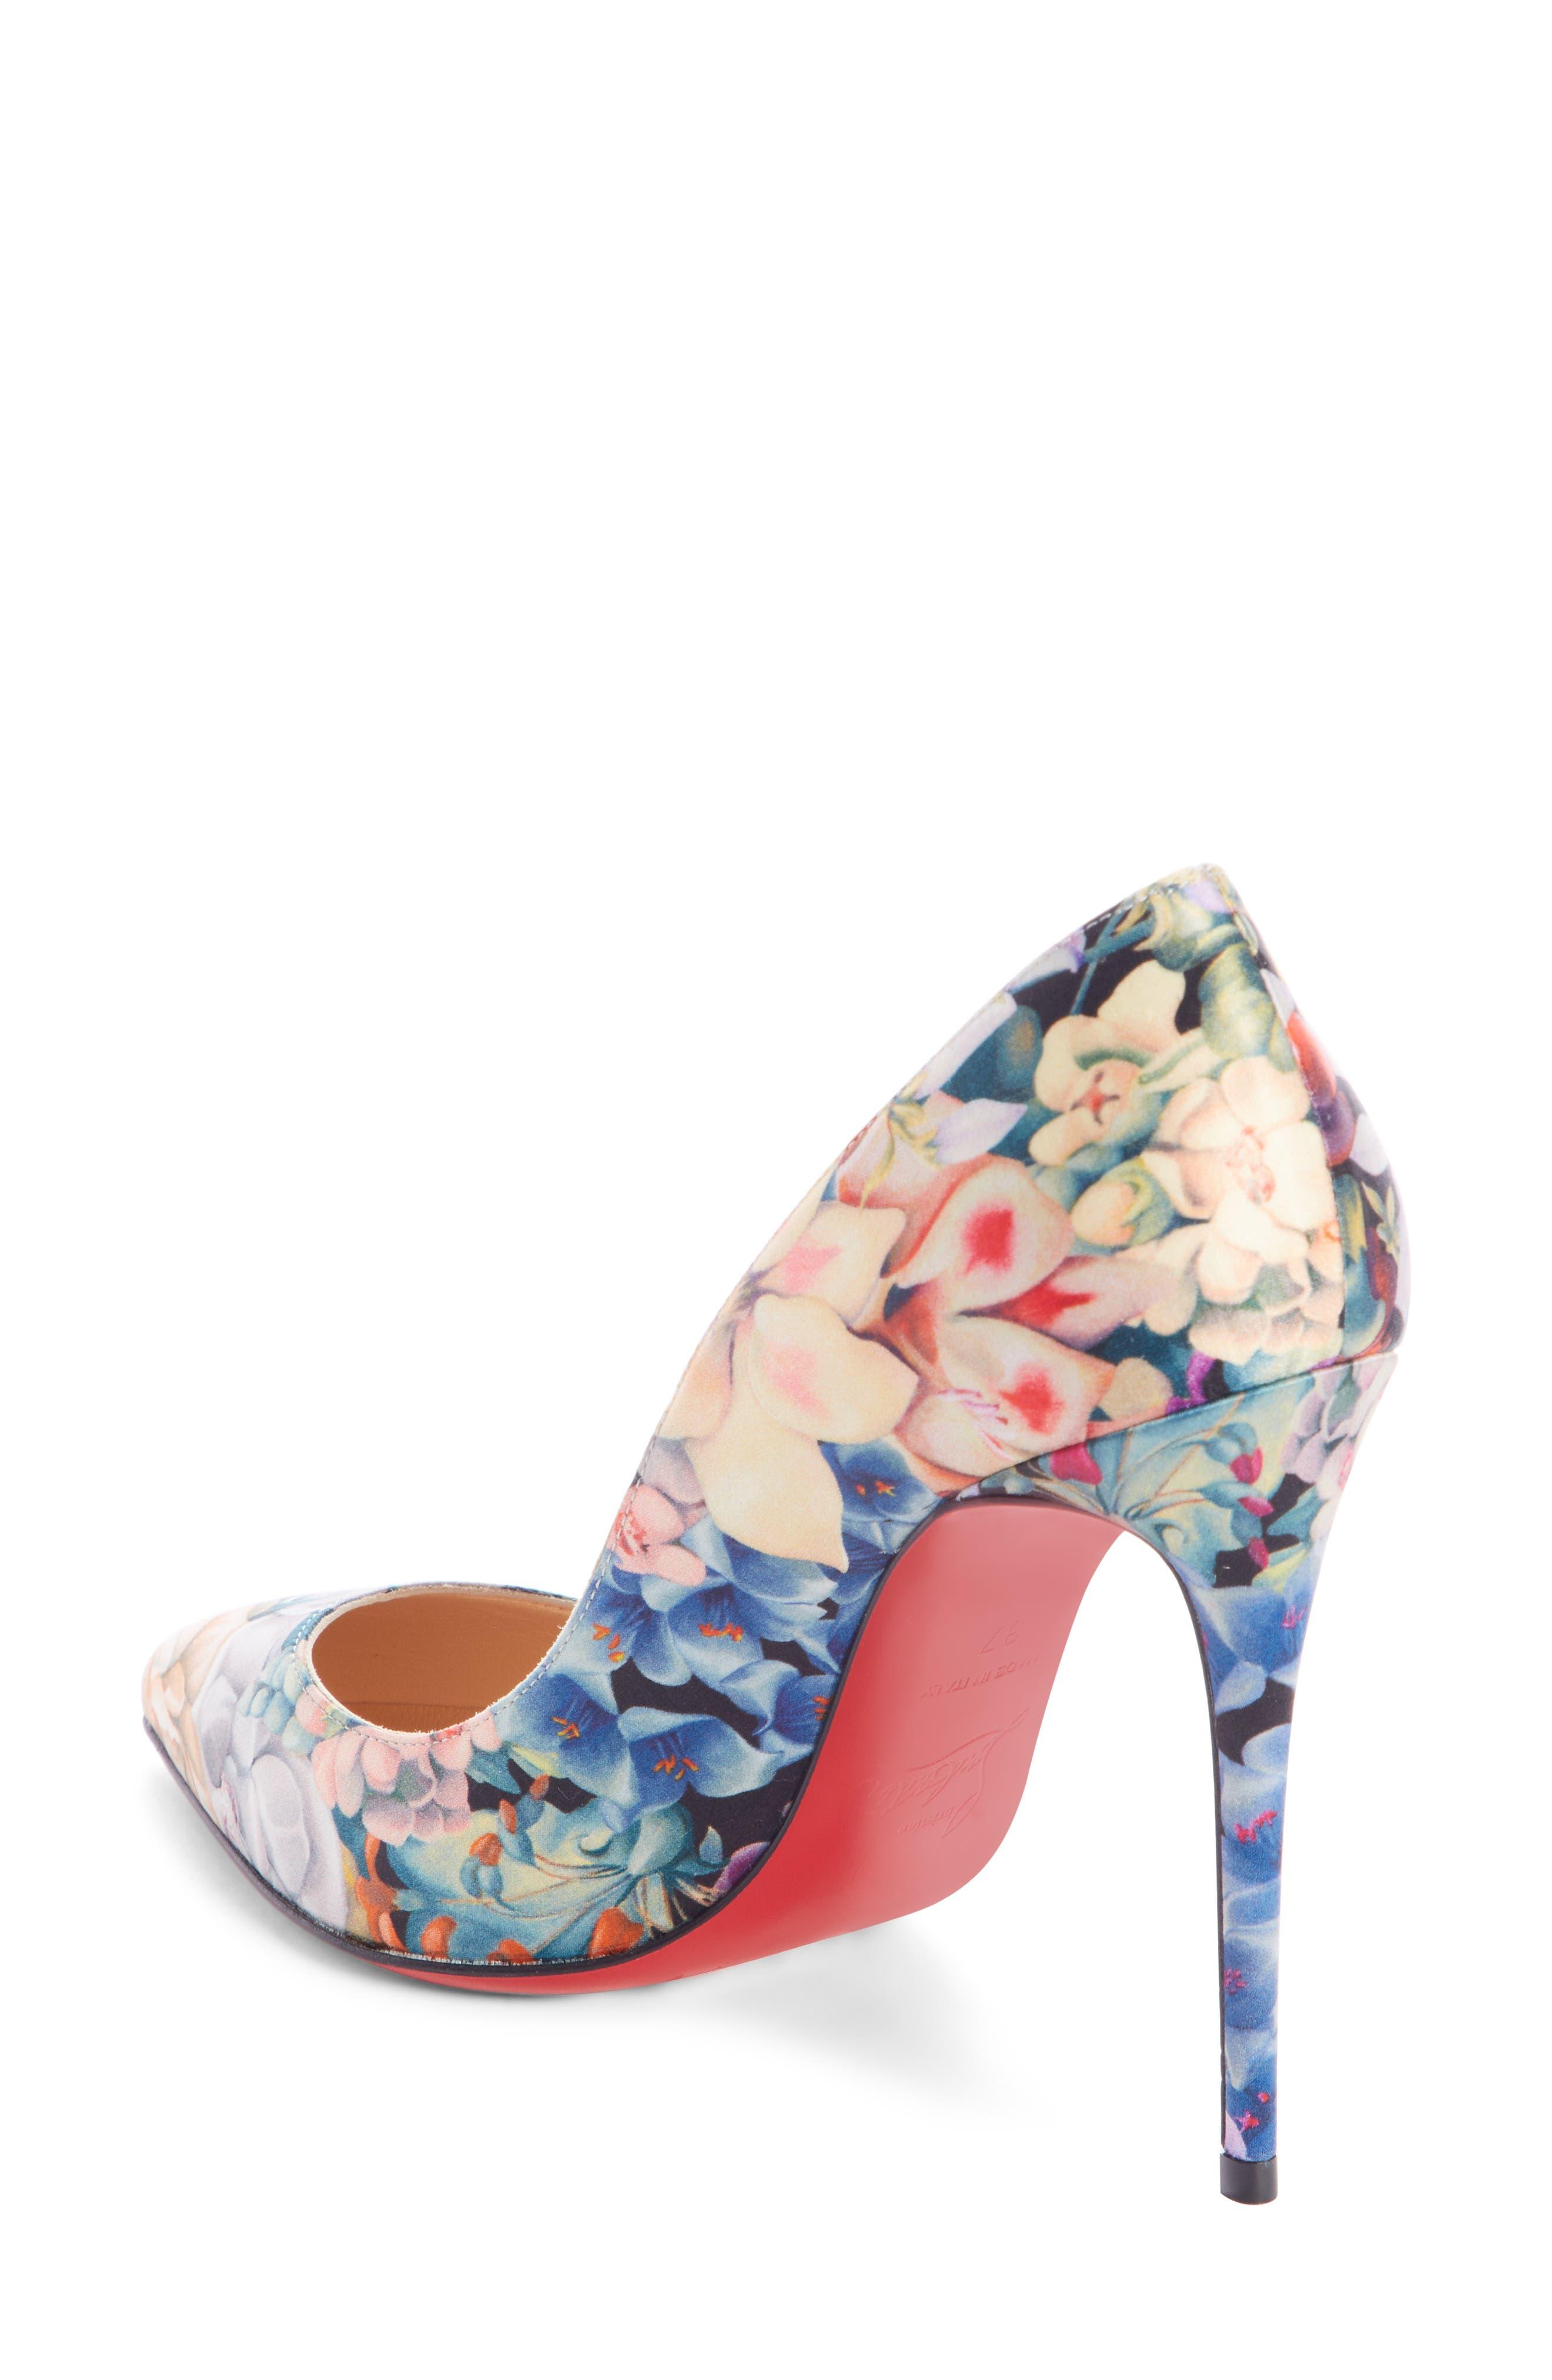 Pigalle Follies Floral Silk Pump,                             Alternate thumbnail 2, color,                             FLORAL MULTI